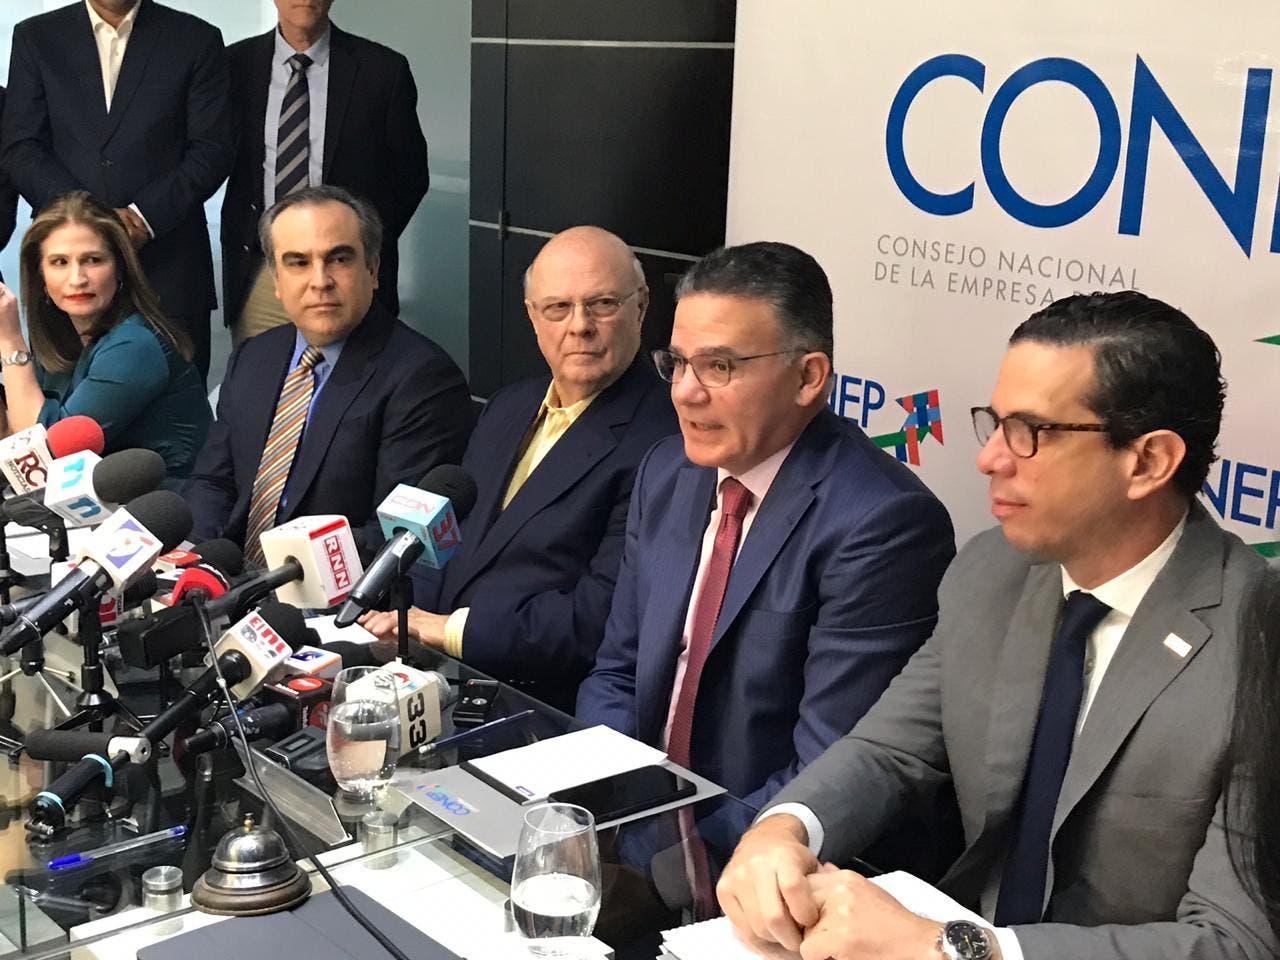 Pedro Brache habló en un encuentro con directivos del CONEP,donde participó el expresidente Mejía.